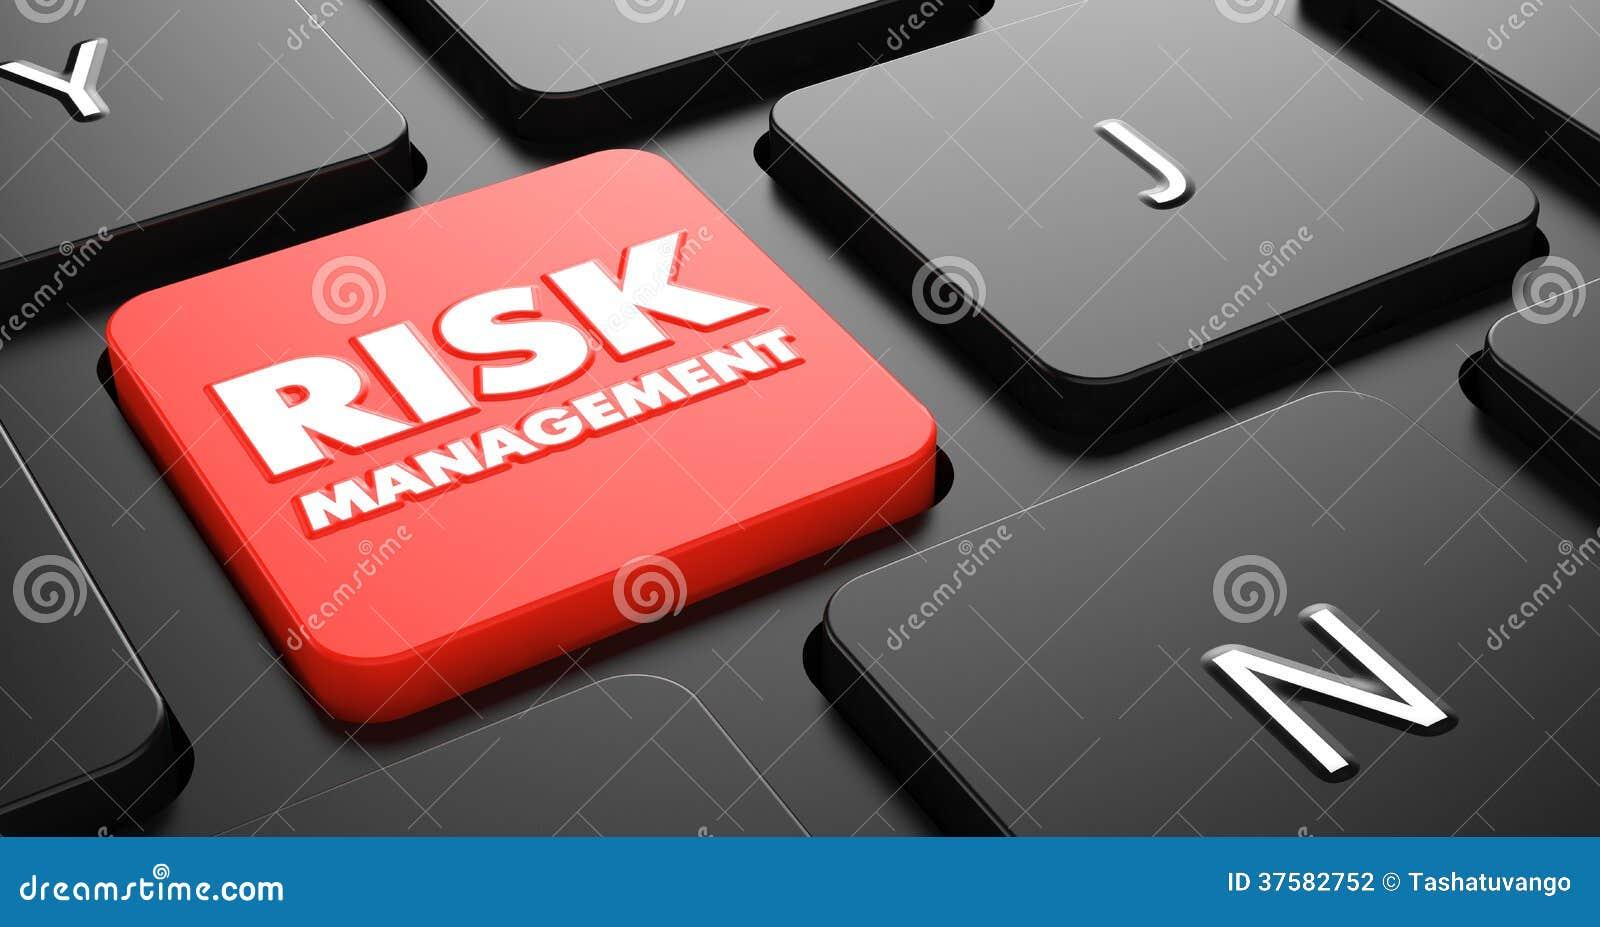 Gestion des risques sur le bouton rouge de clavier.